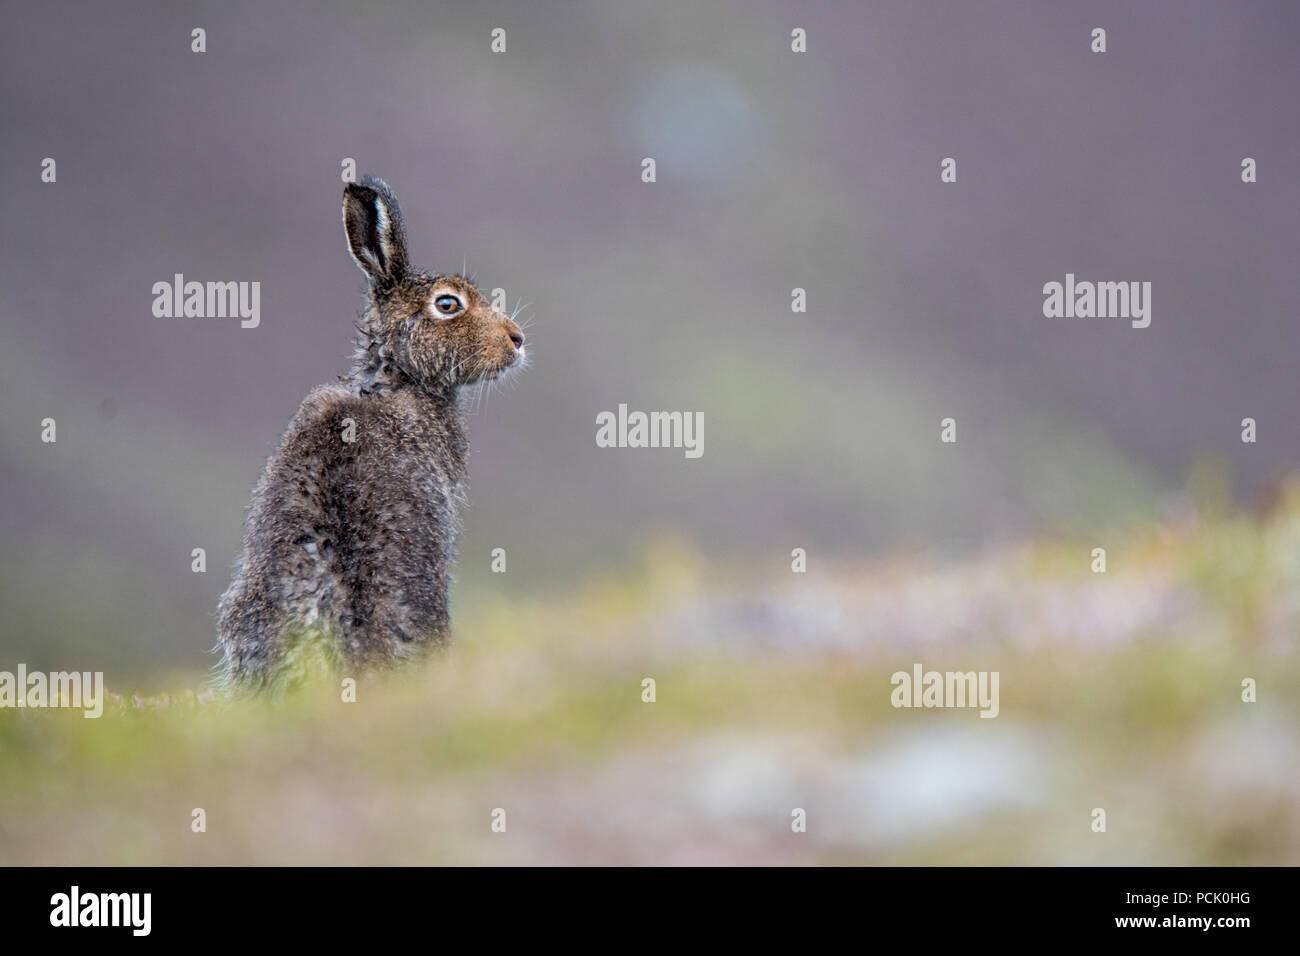 Nasse Schneehase (Lepus timidus) sitzt auf einem Hügel im Sommer nach Regendusche Stockbild